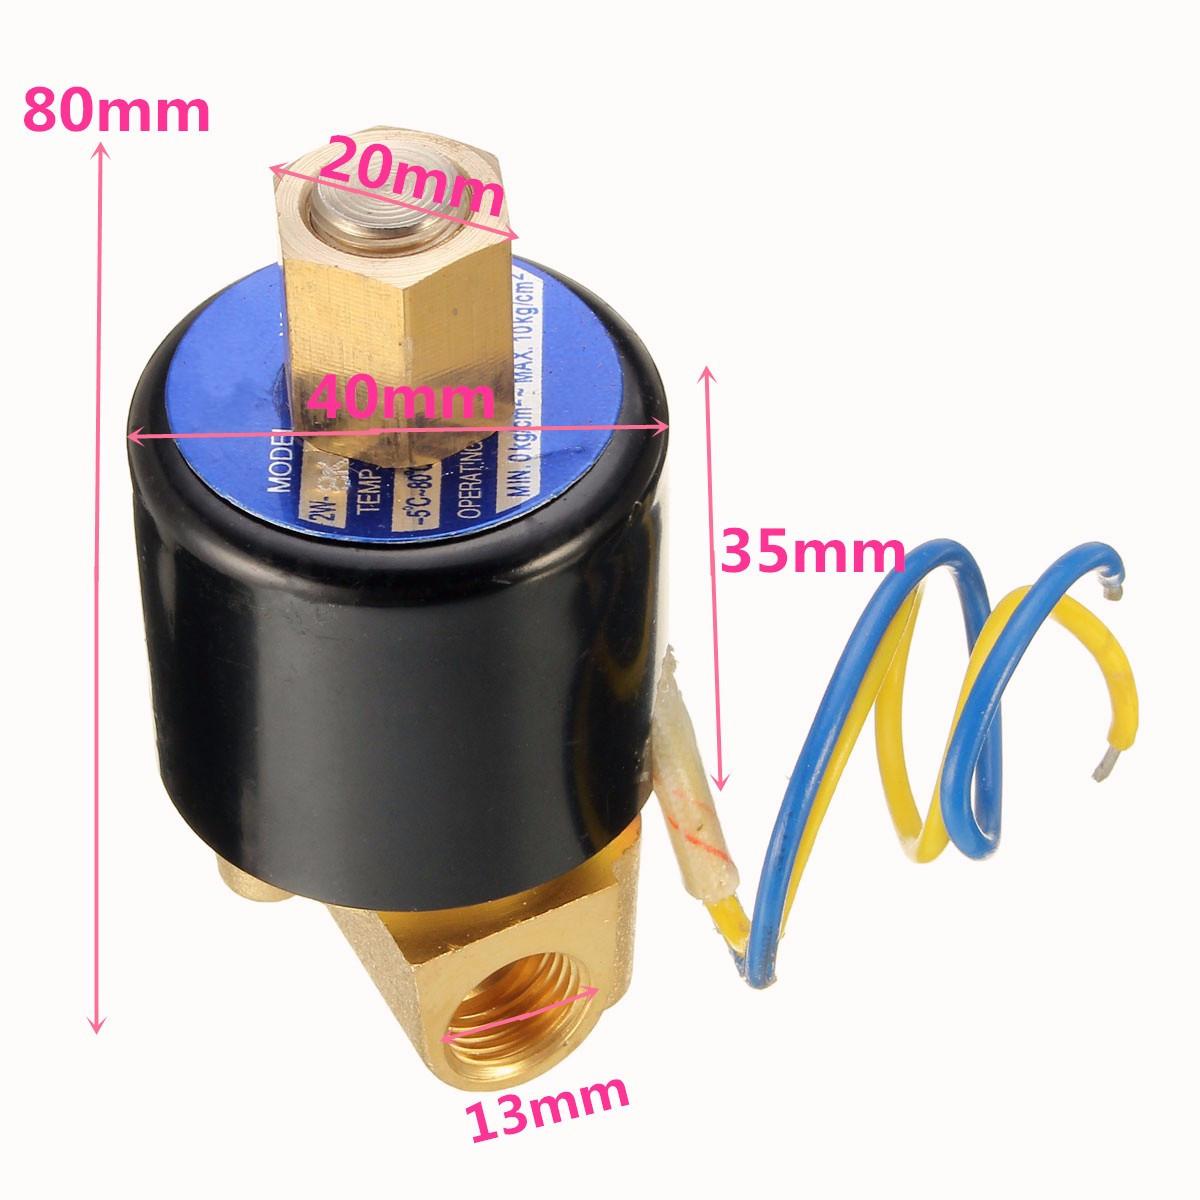 Электромагнитный клапан: назначение, применение, проверка и ремонт